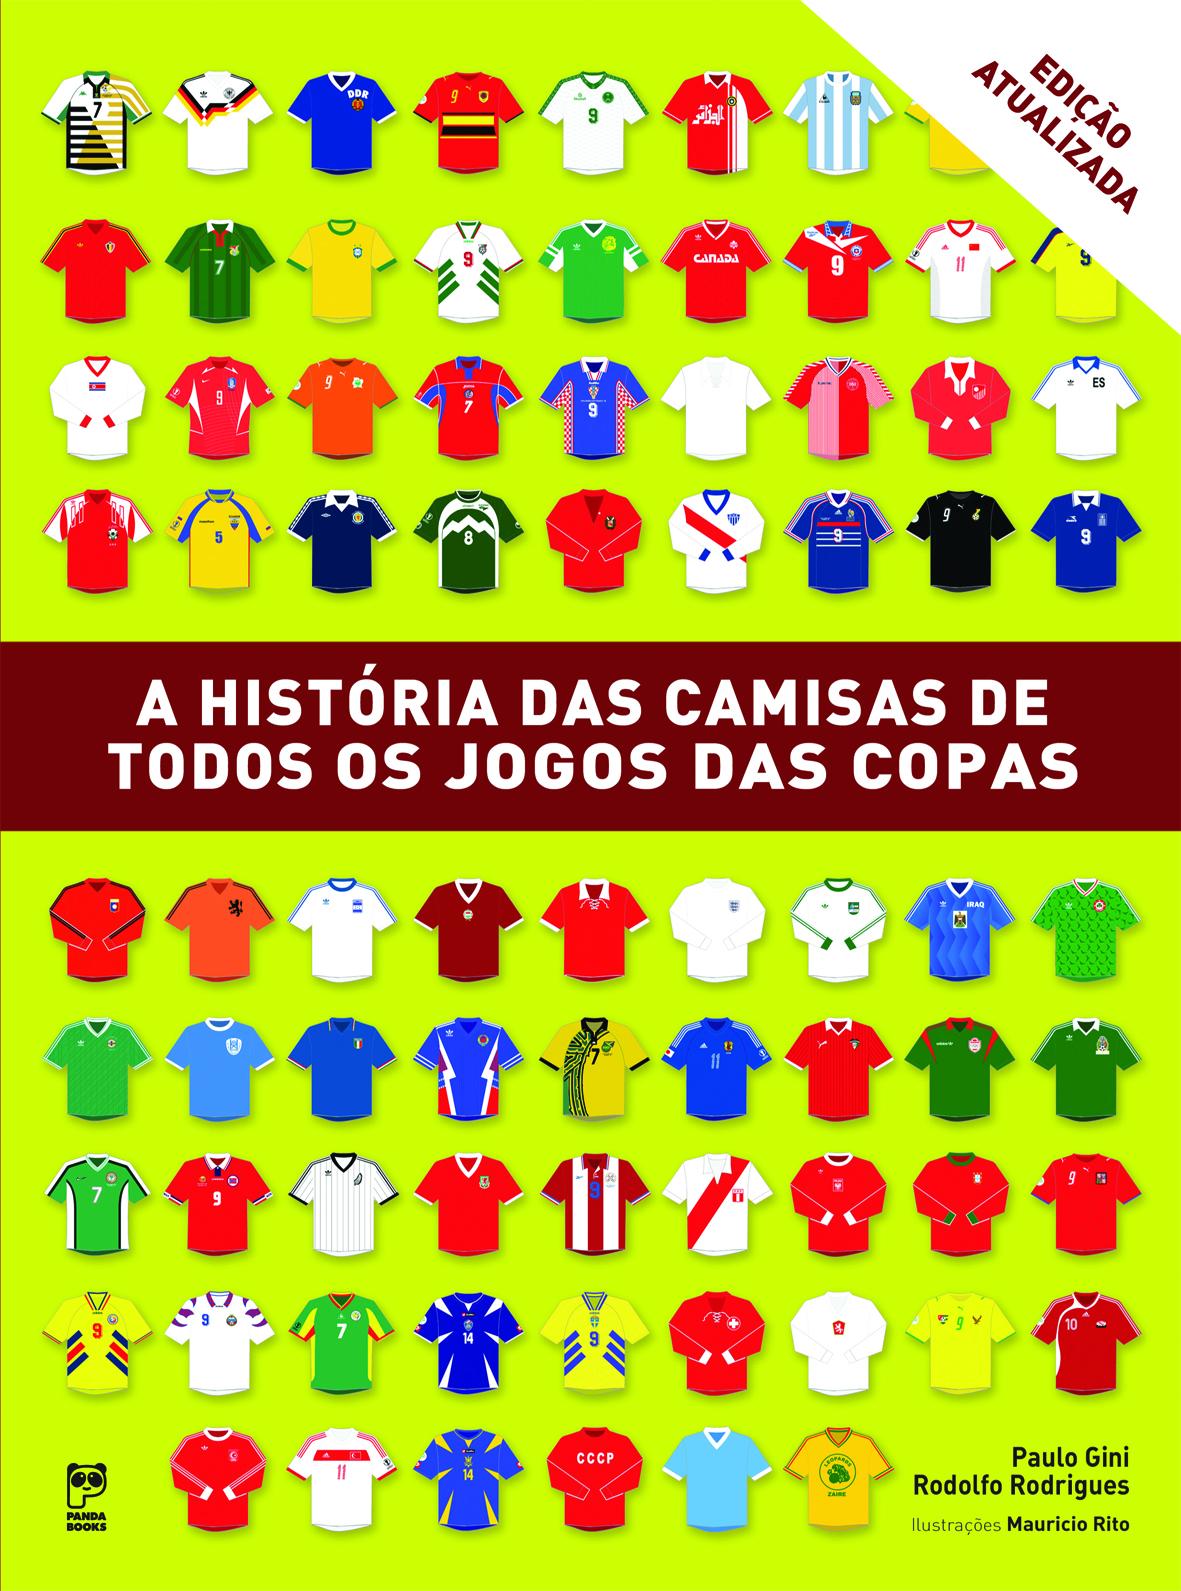 854315153d Historia das camisas copas 2ed CMYK 300dpi